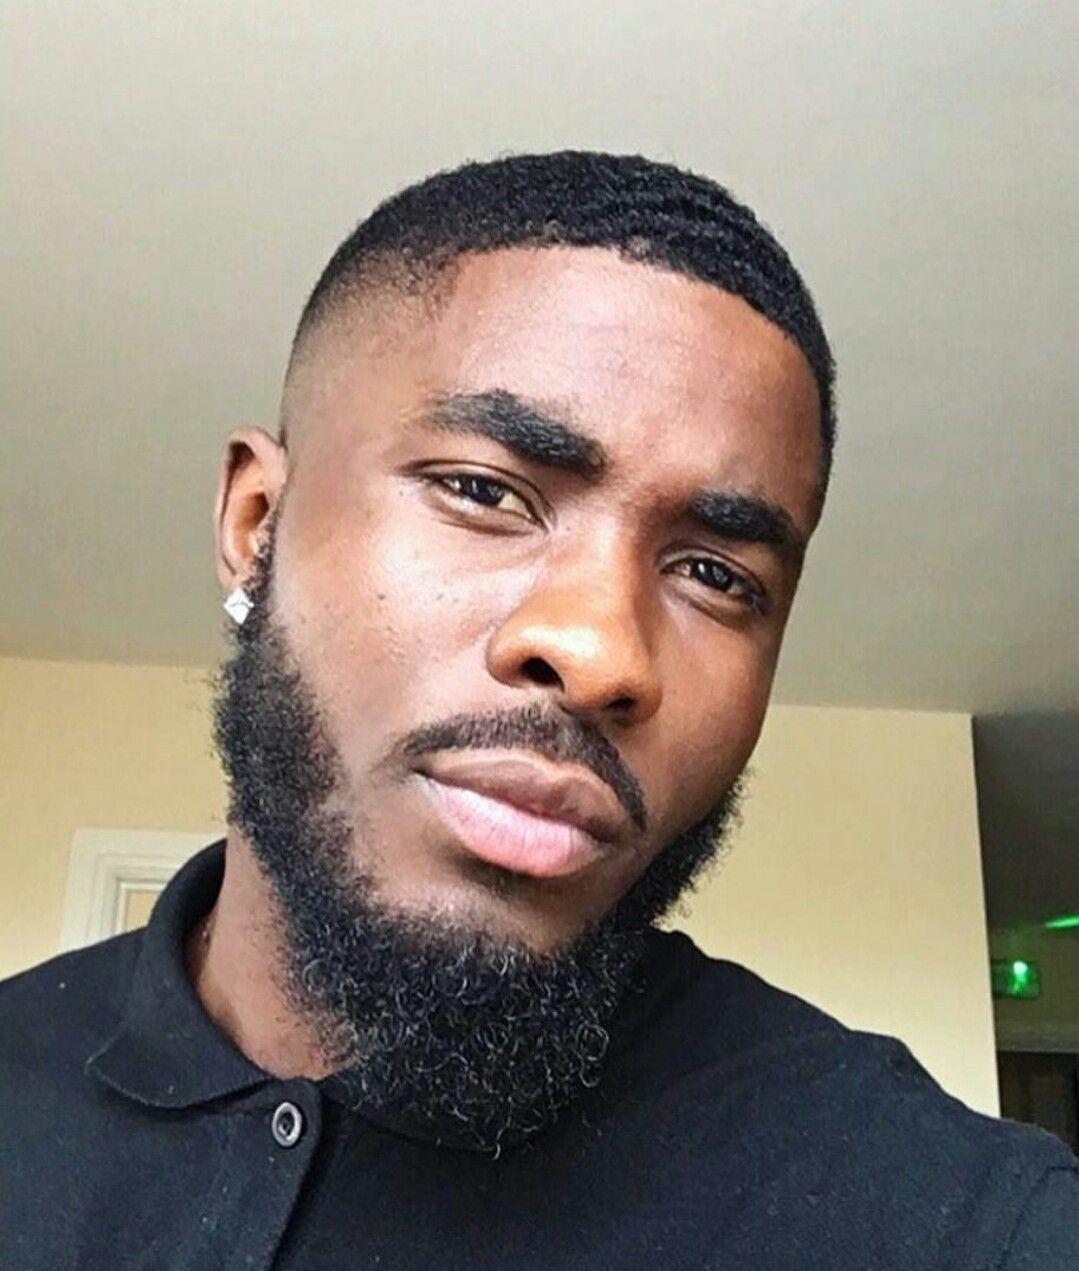 480a1f9752e6 Coupe barbe homme noir - sous les tropik